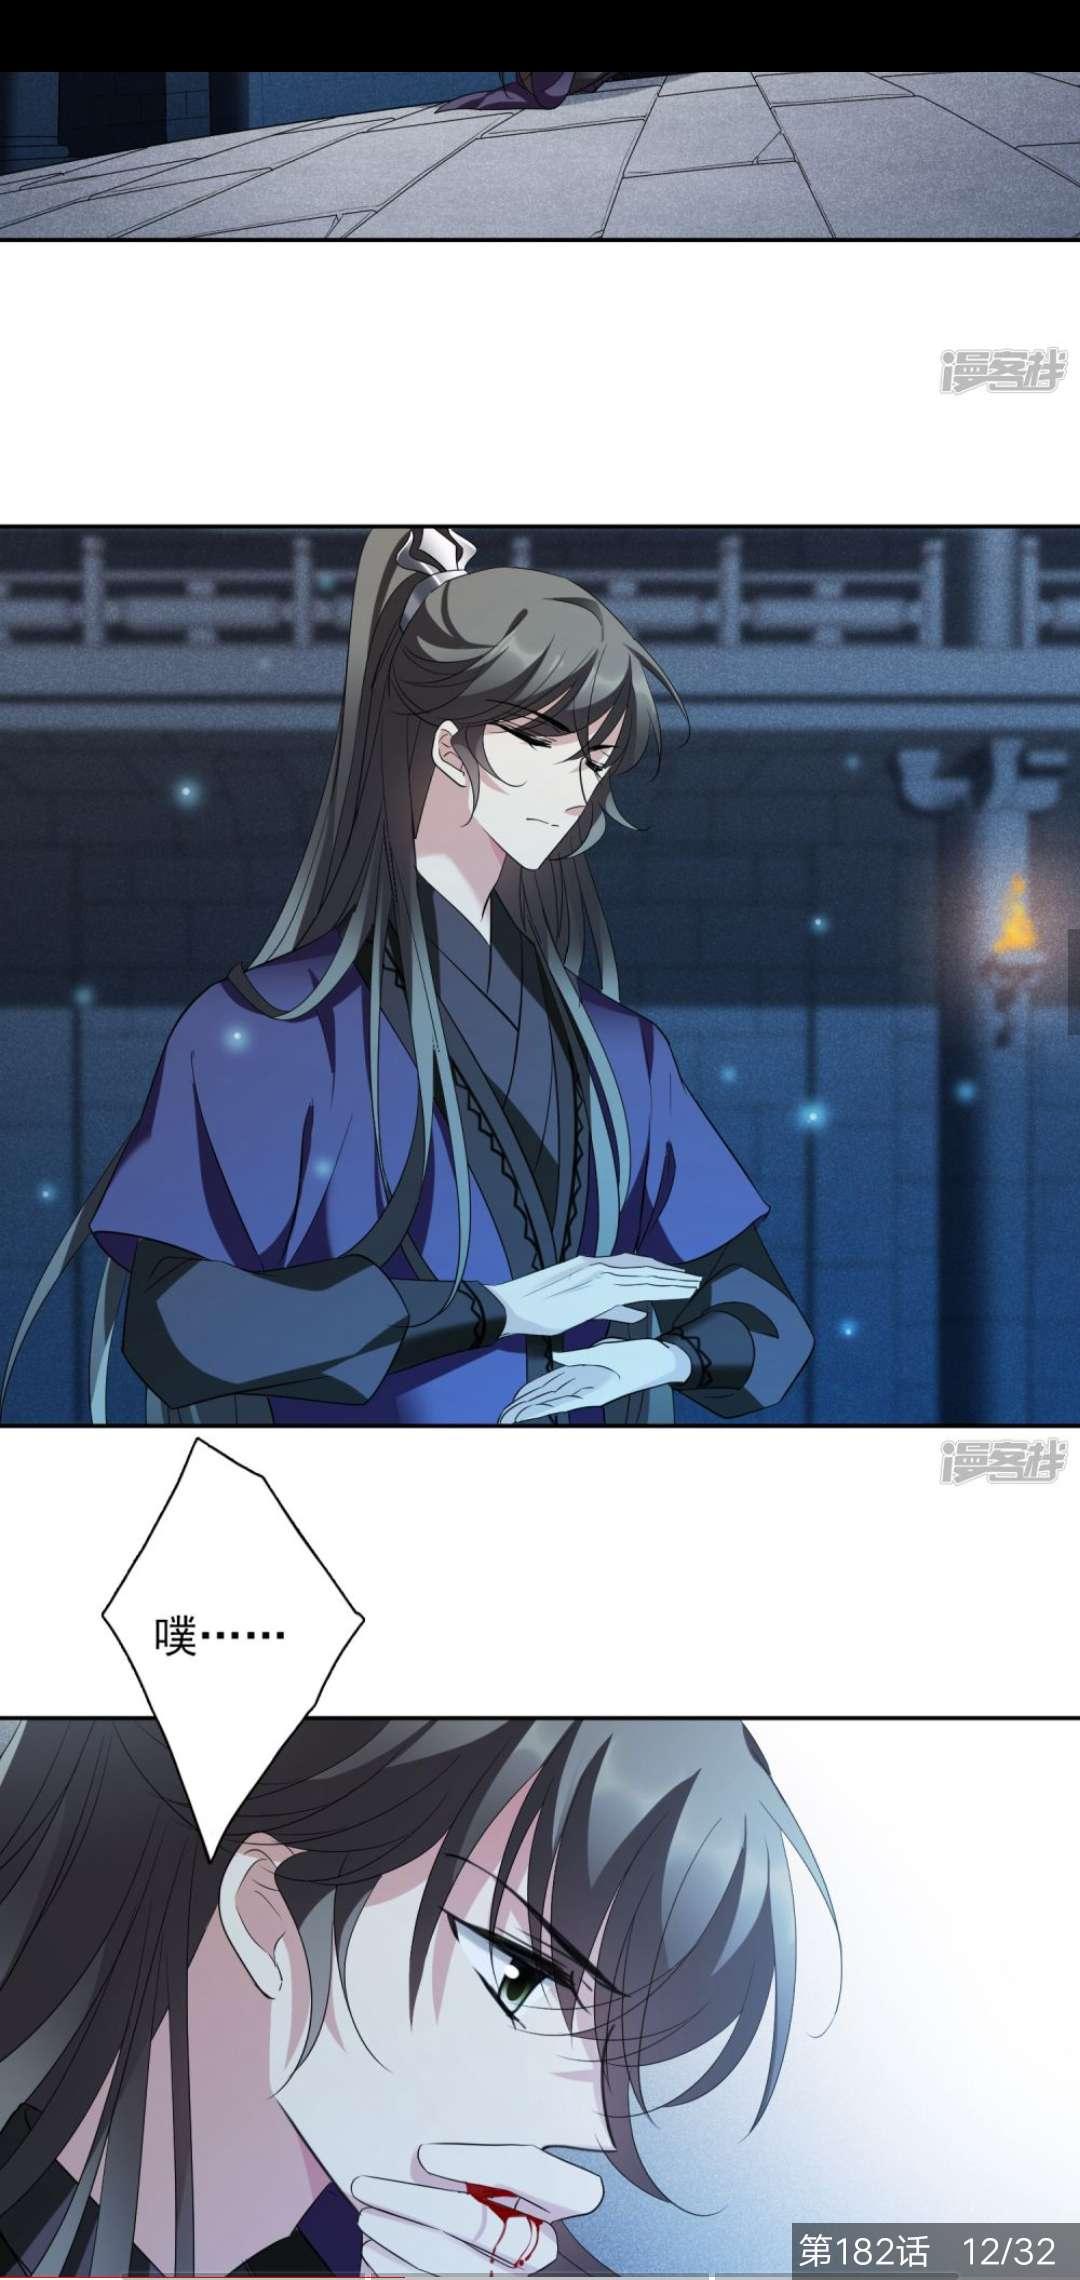 【漫画更新】璇玑辞,穿越嫁屠夫成后娘